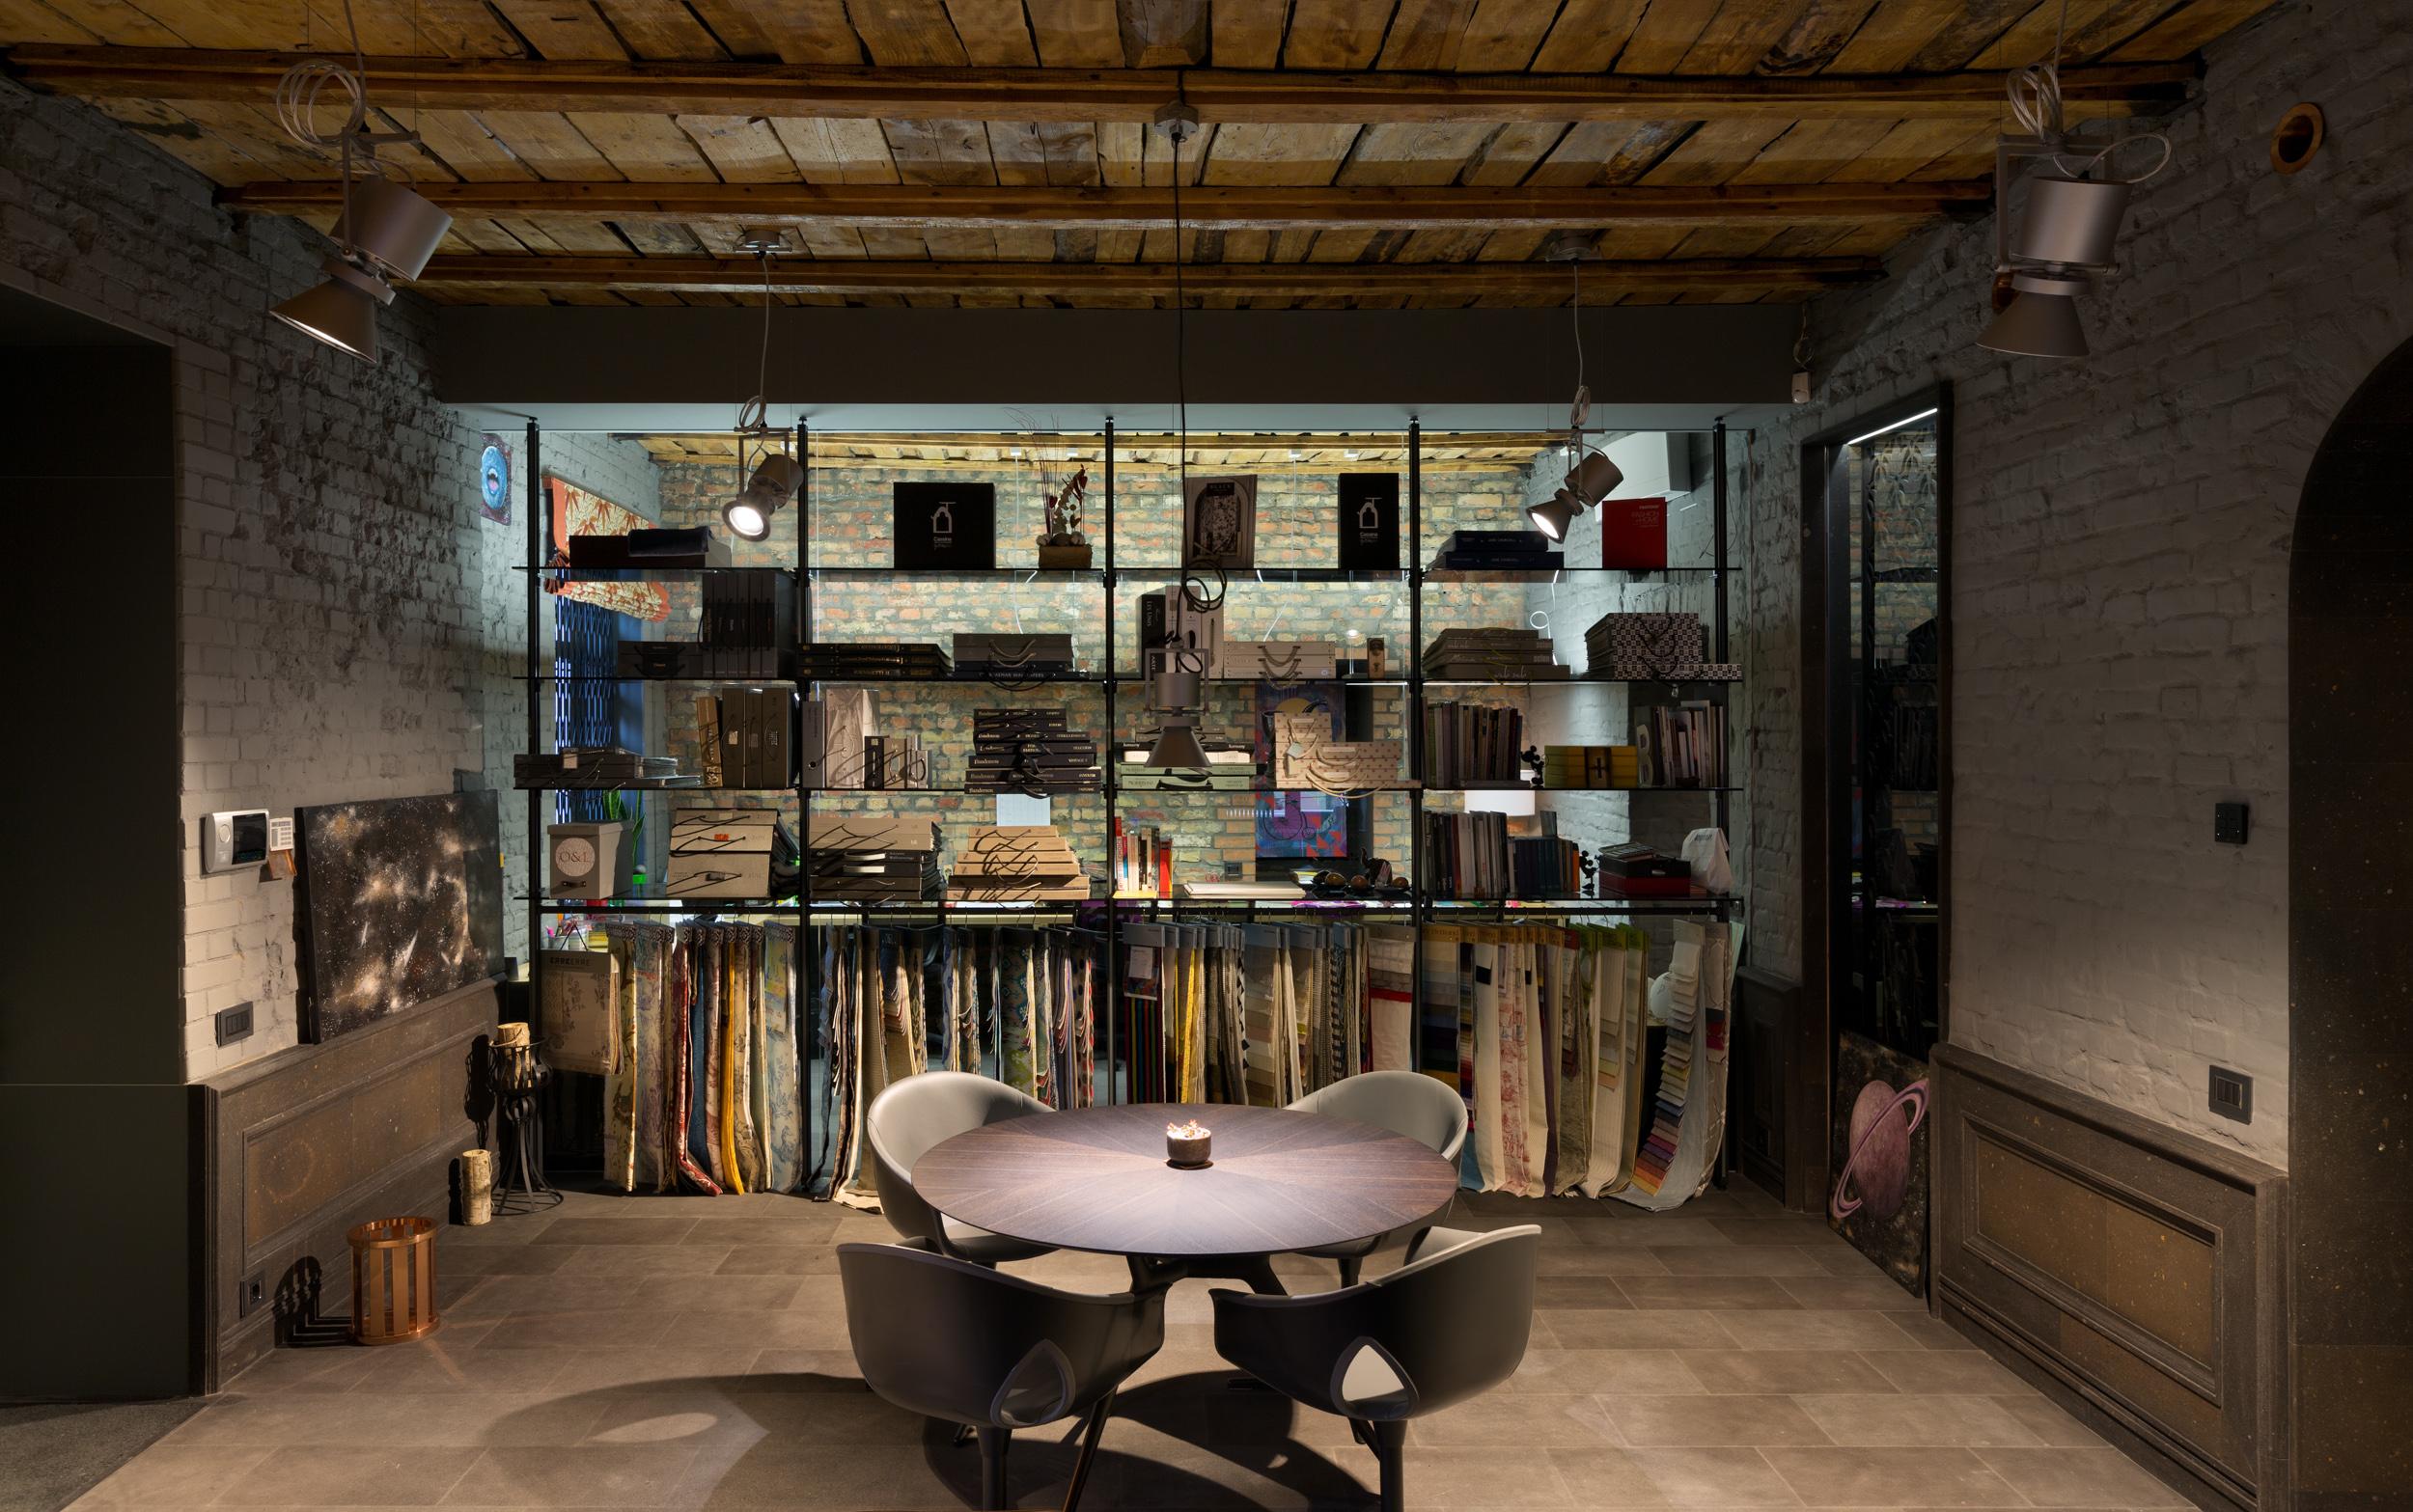 В нашей студии есть широкий выбор тканей для пошива штор и текстиля для дома.  Studio Postformula offers wide range of textiles for curtains and home textiles.